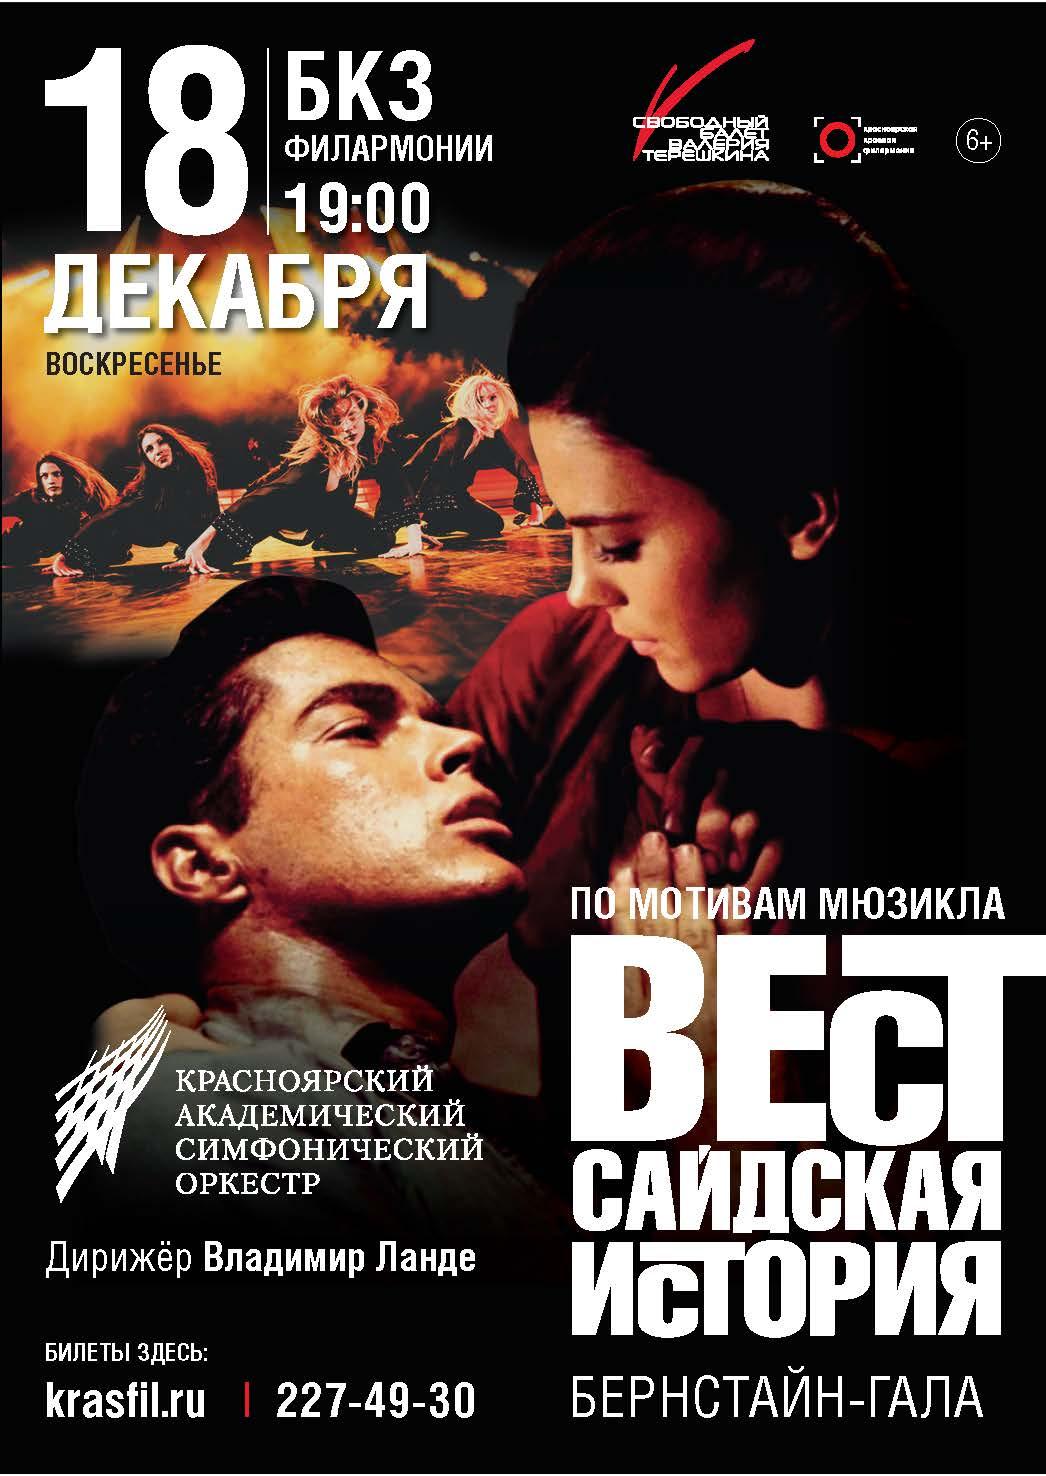 Красноярский Академический Симфонический Оркестр. «Бернстайн-гала»